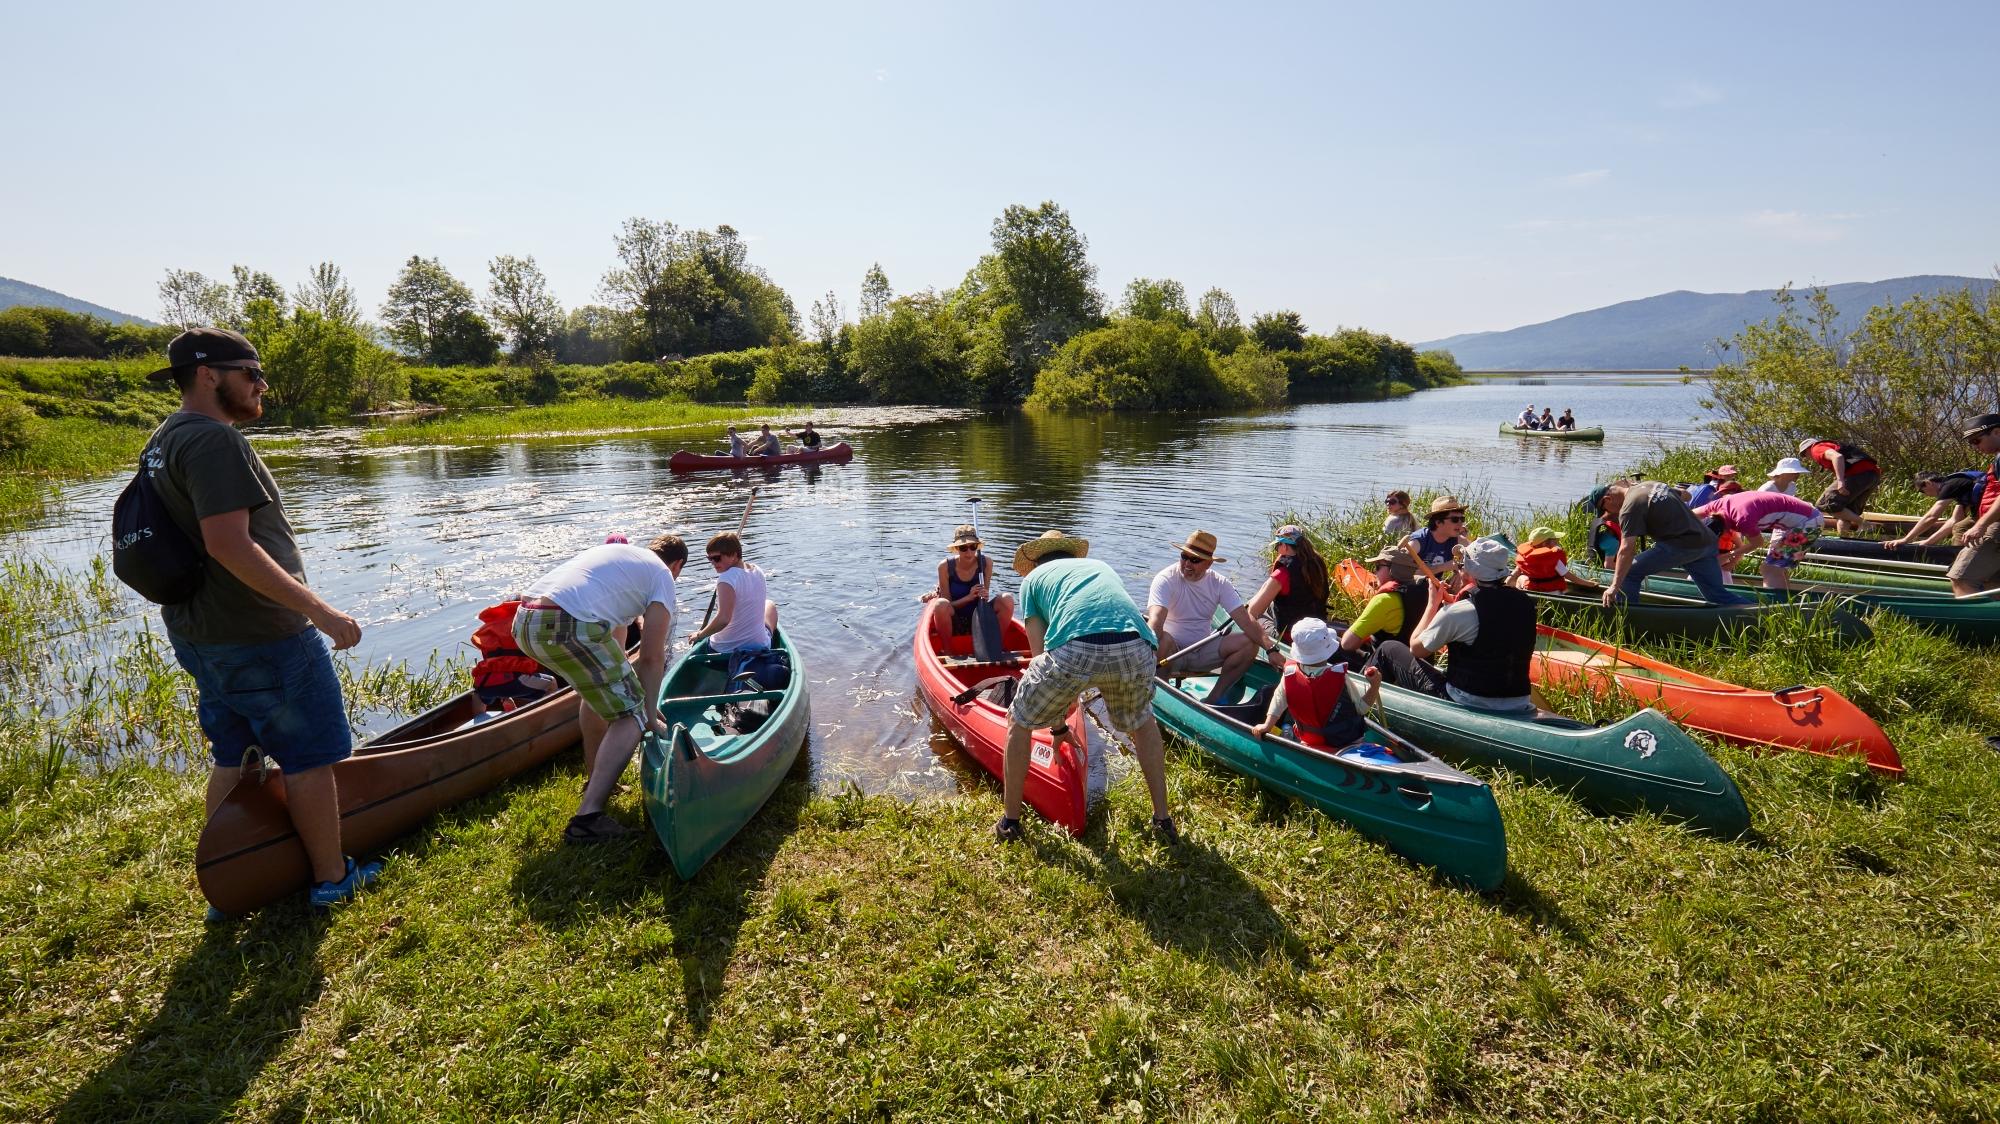 S kanujem po jezeru - ena od glavnih aktivnosti na Cerkniškem jezeru tudi v letu 2030